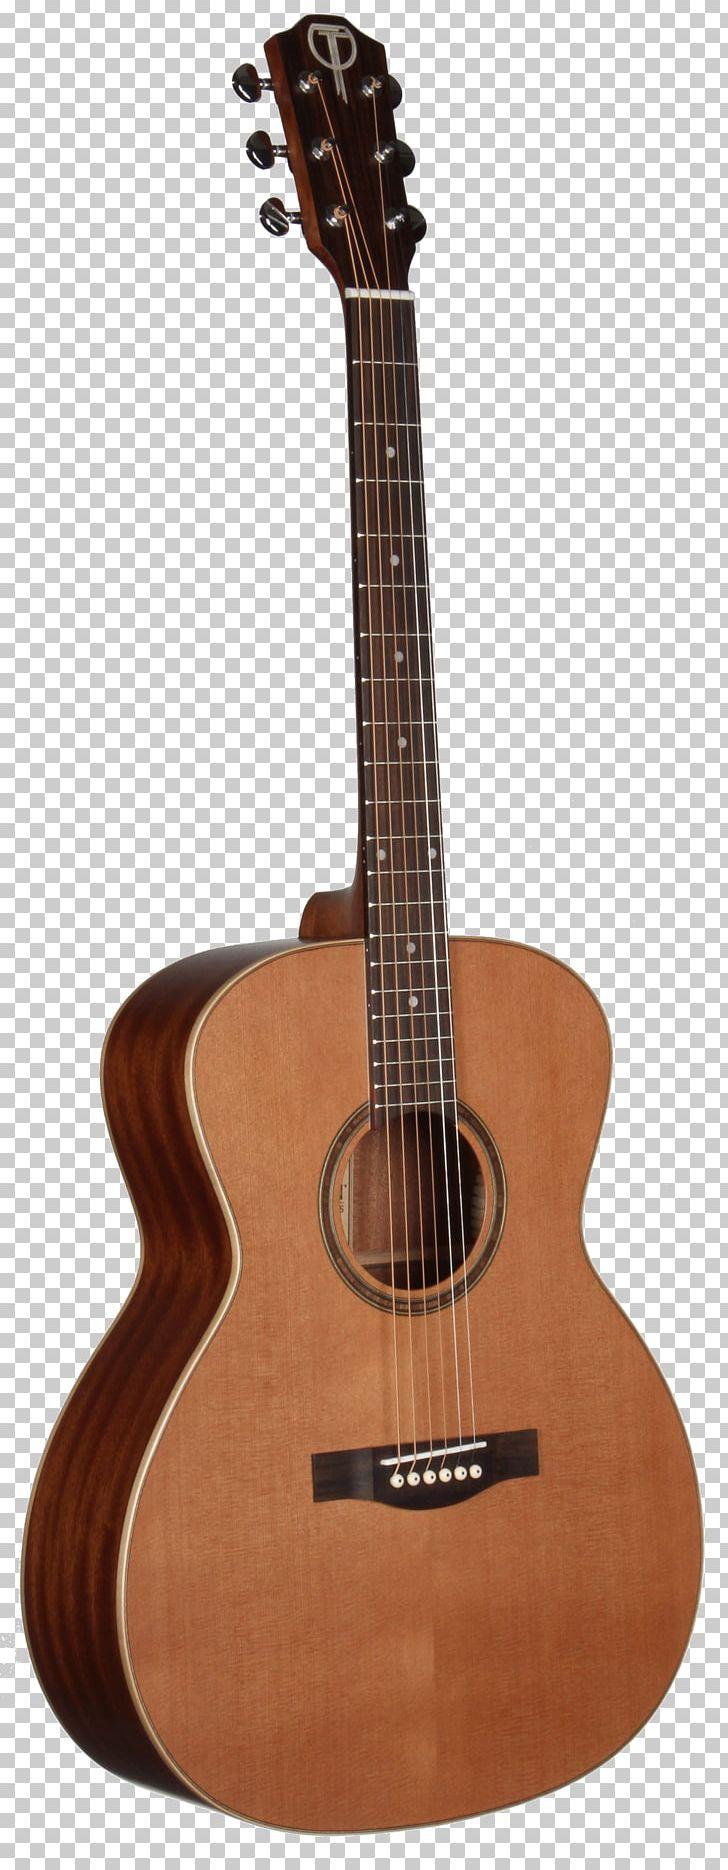 Acoustic Guitar Electric Guitar Classical Guitar Png